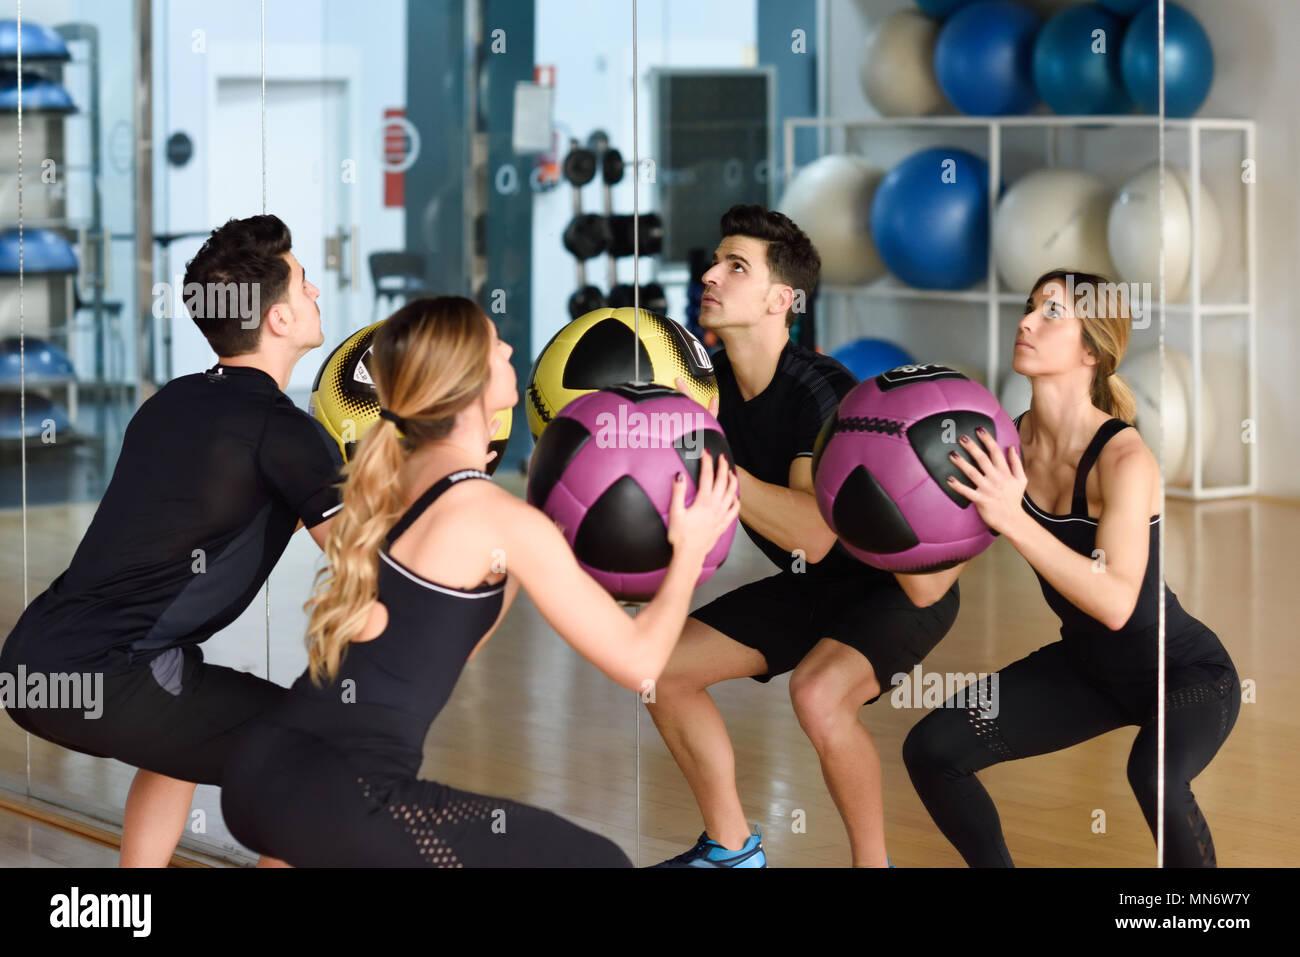 36a05ac2af23 Uomo e donna fitballs sollevamento in palestra. I giovani indossano abiti  di abbigliamento sportivo di fronte a uno specchio.